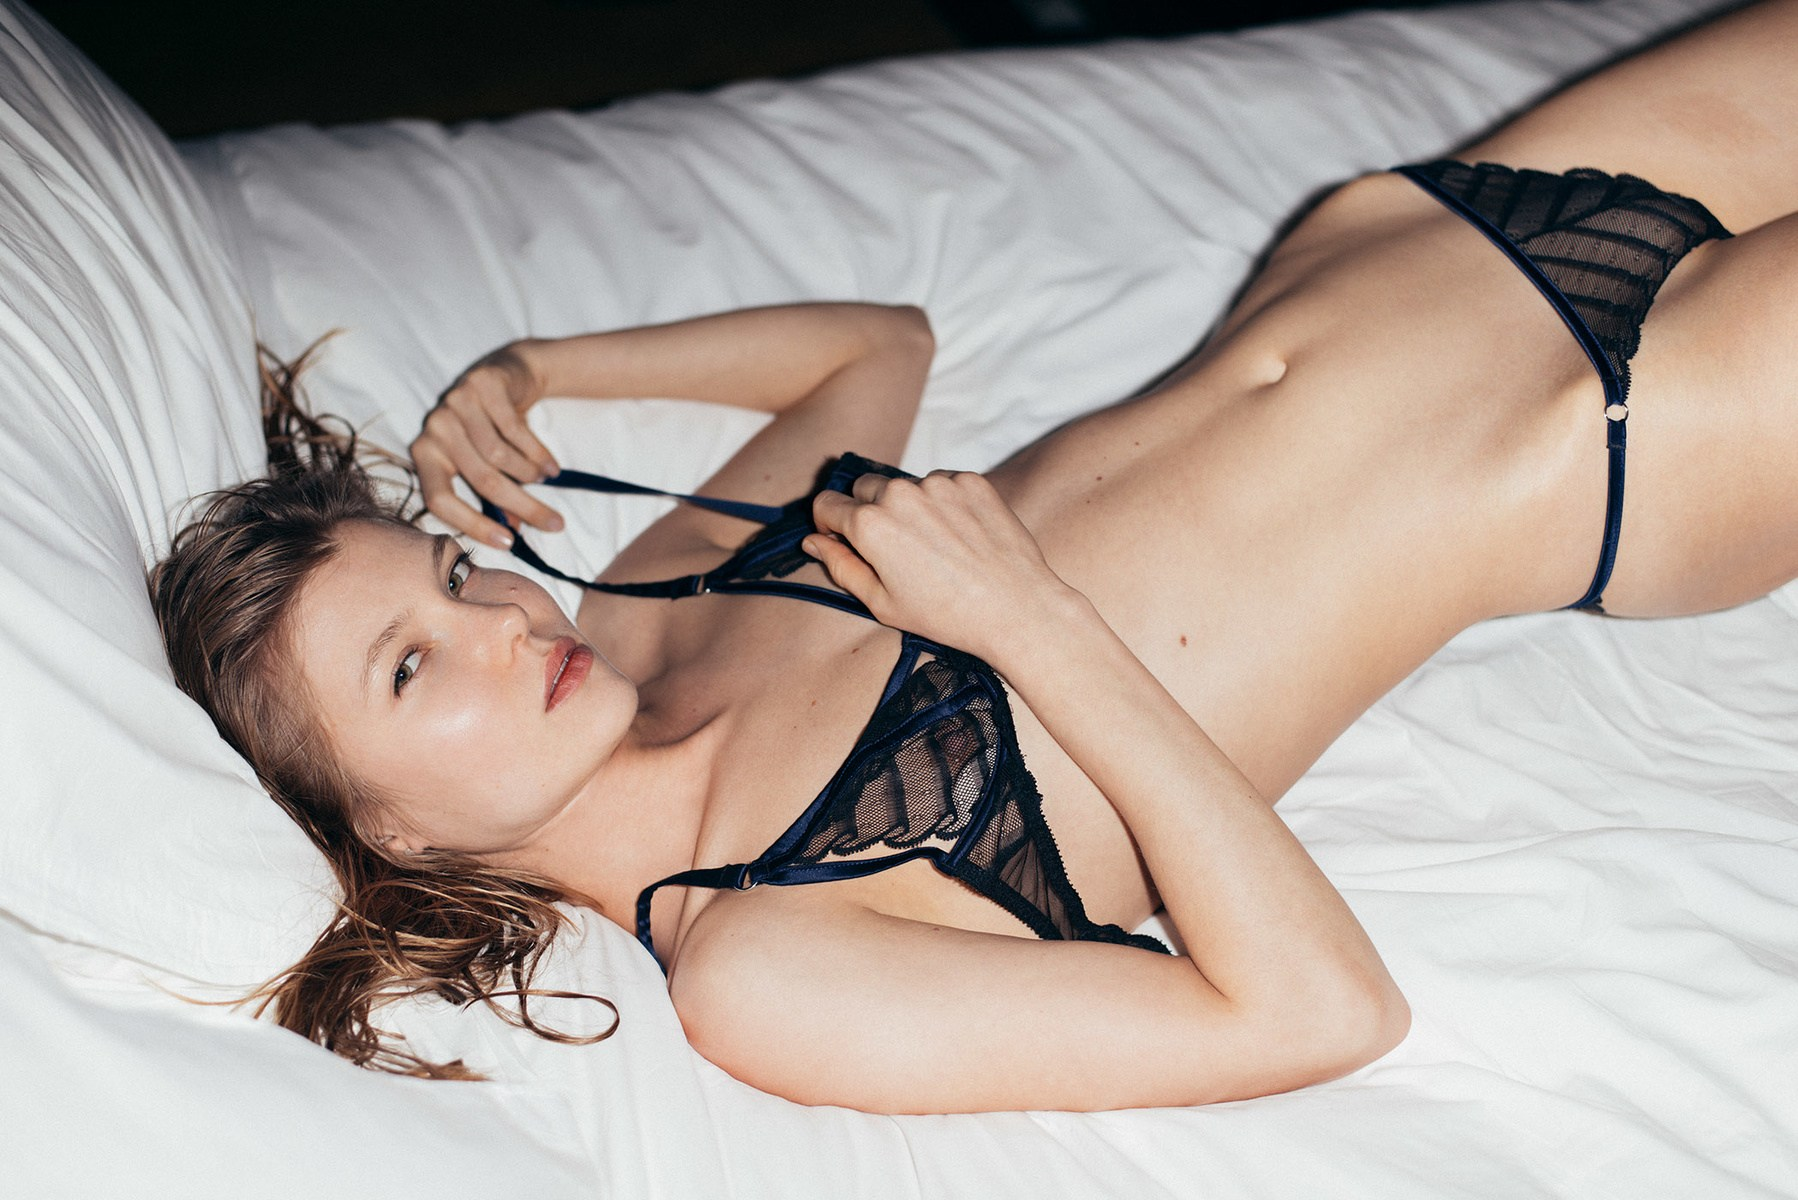 46 éves vagyok, nincs merevedés a péniszem nem kel fel